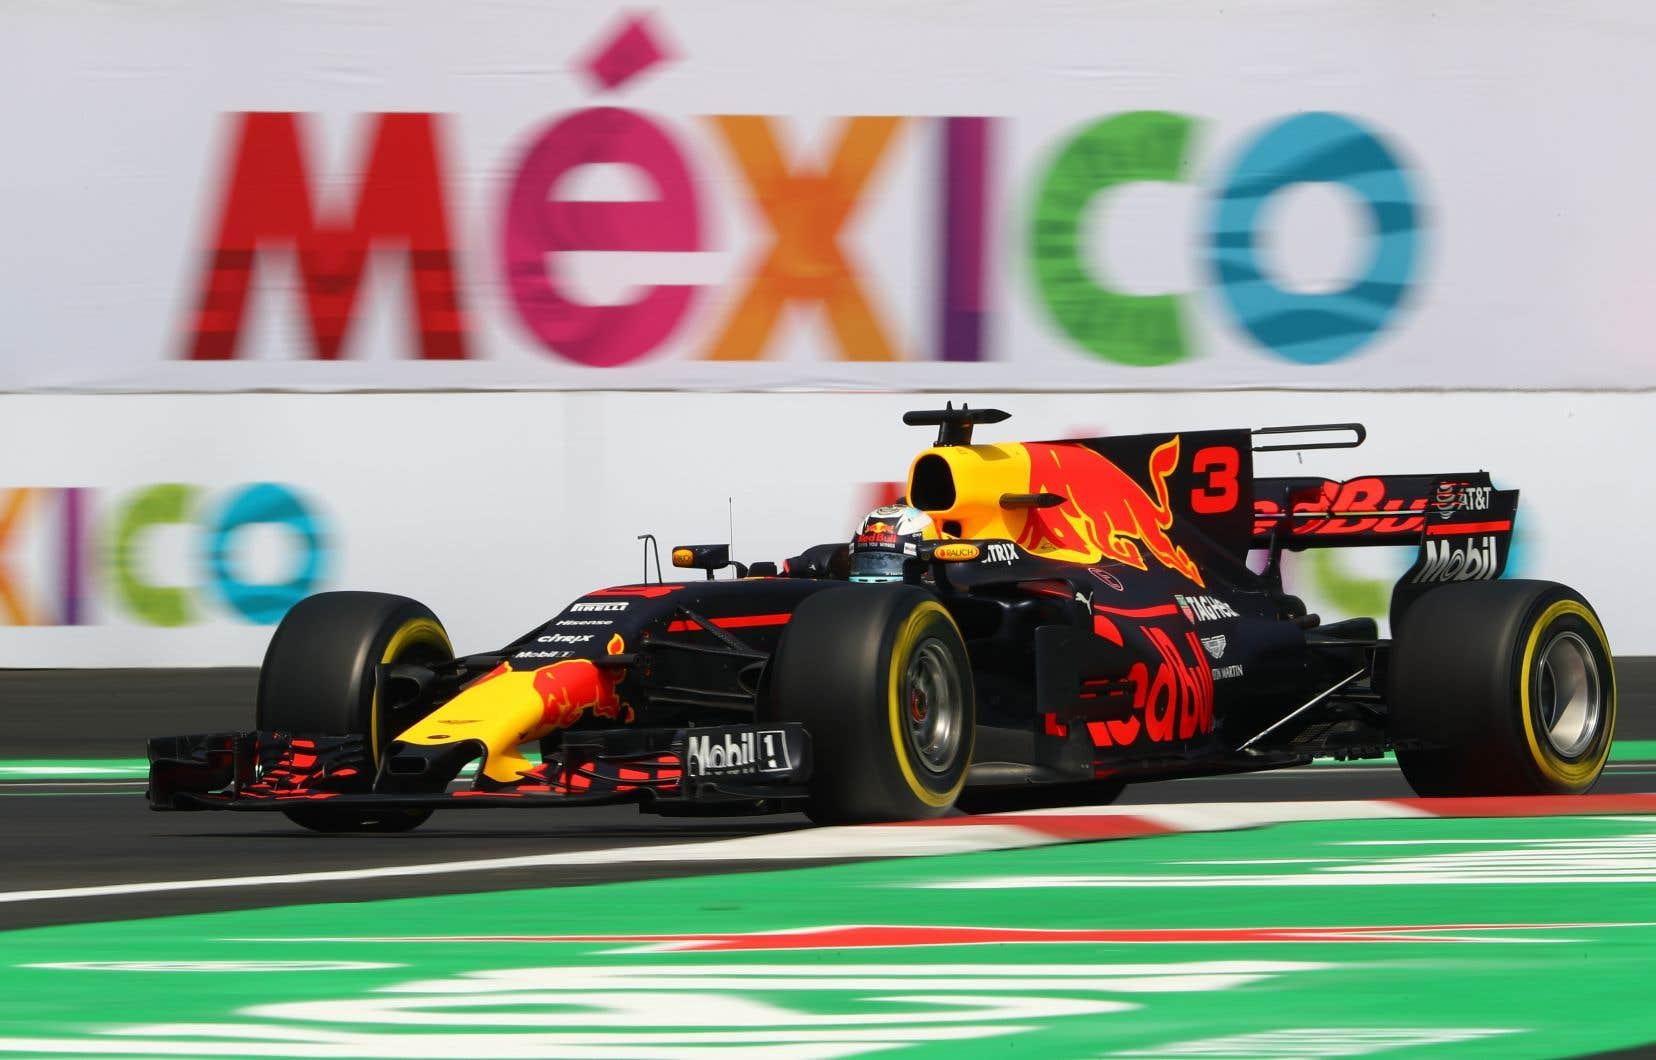 Le pilote DanielRicciardo, de l'équipe Red Bull